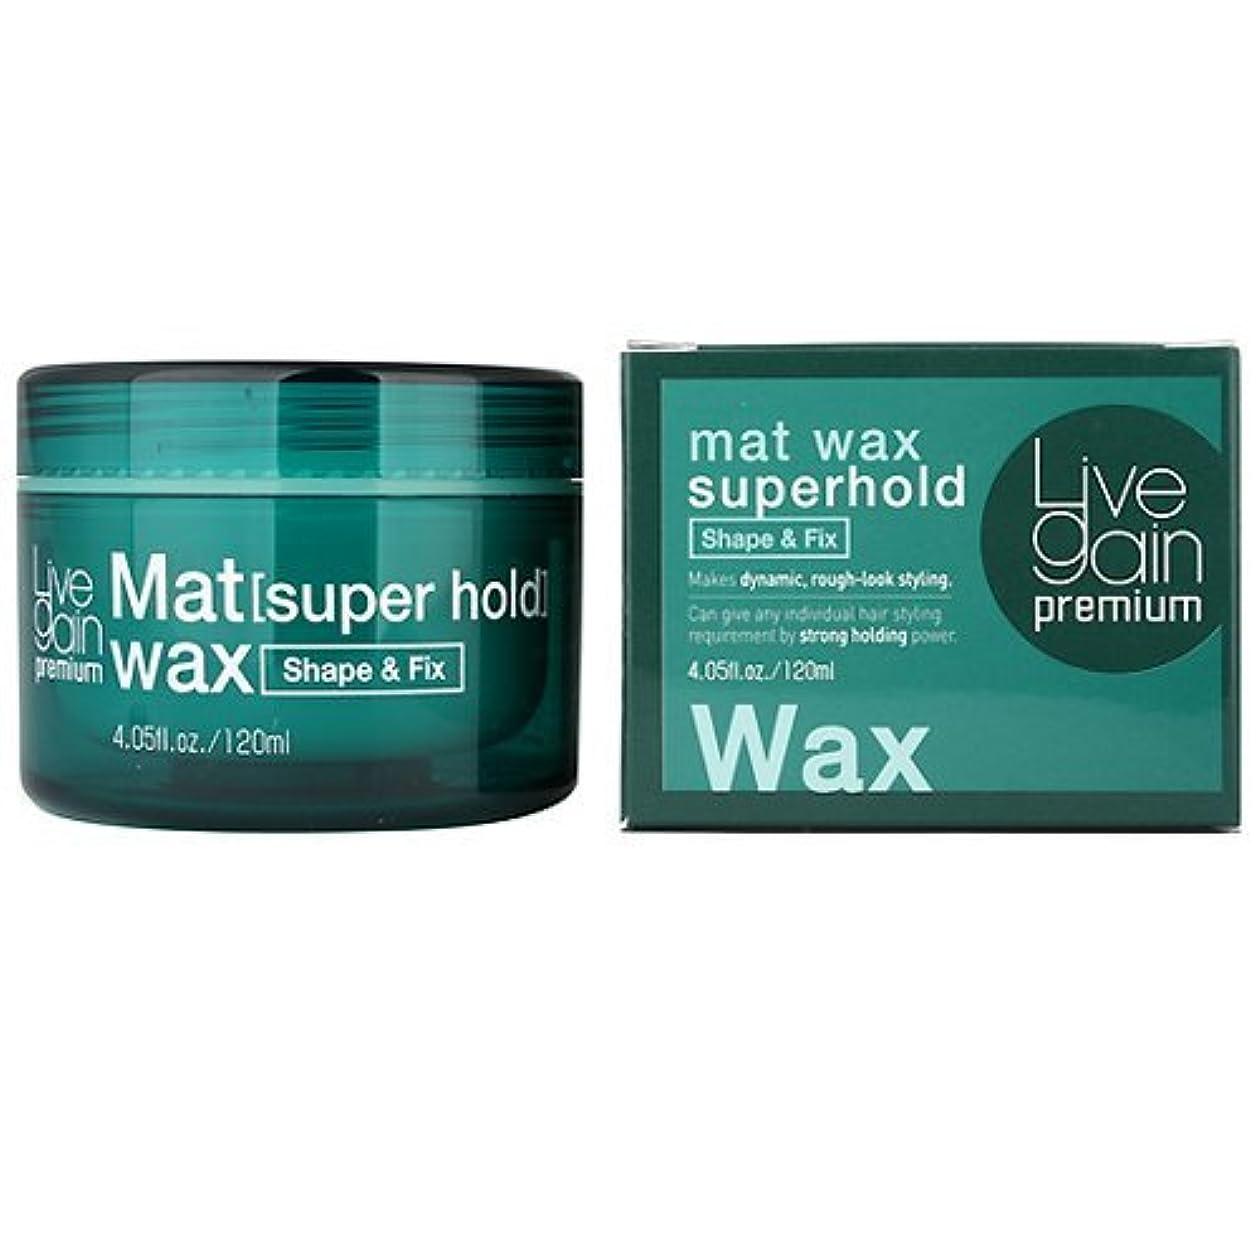 尽きる下に向けます天窓Livegain プレミアム マット ワックス スーパーホールド 120ml マット ヘア ワックス ストロング ホールド (Premium Mat Wax Superhold 120ml Matte Hair wax Strong Hold ) [並行輸入品]